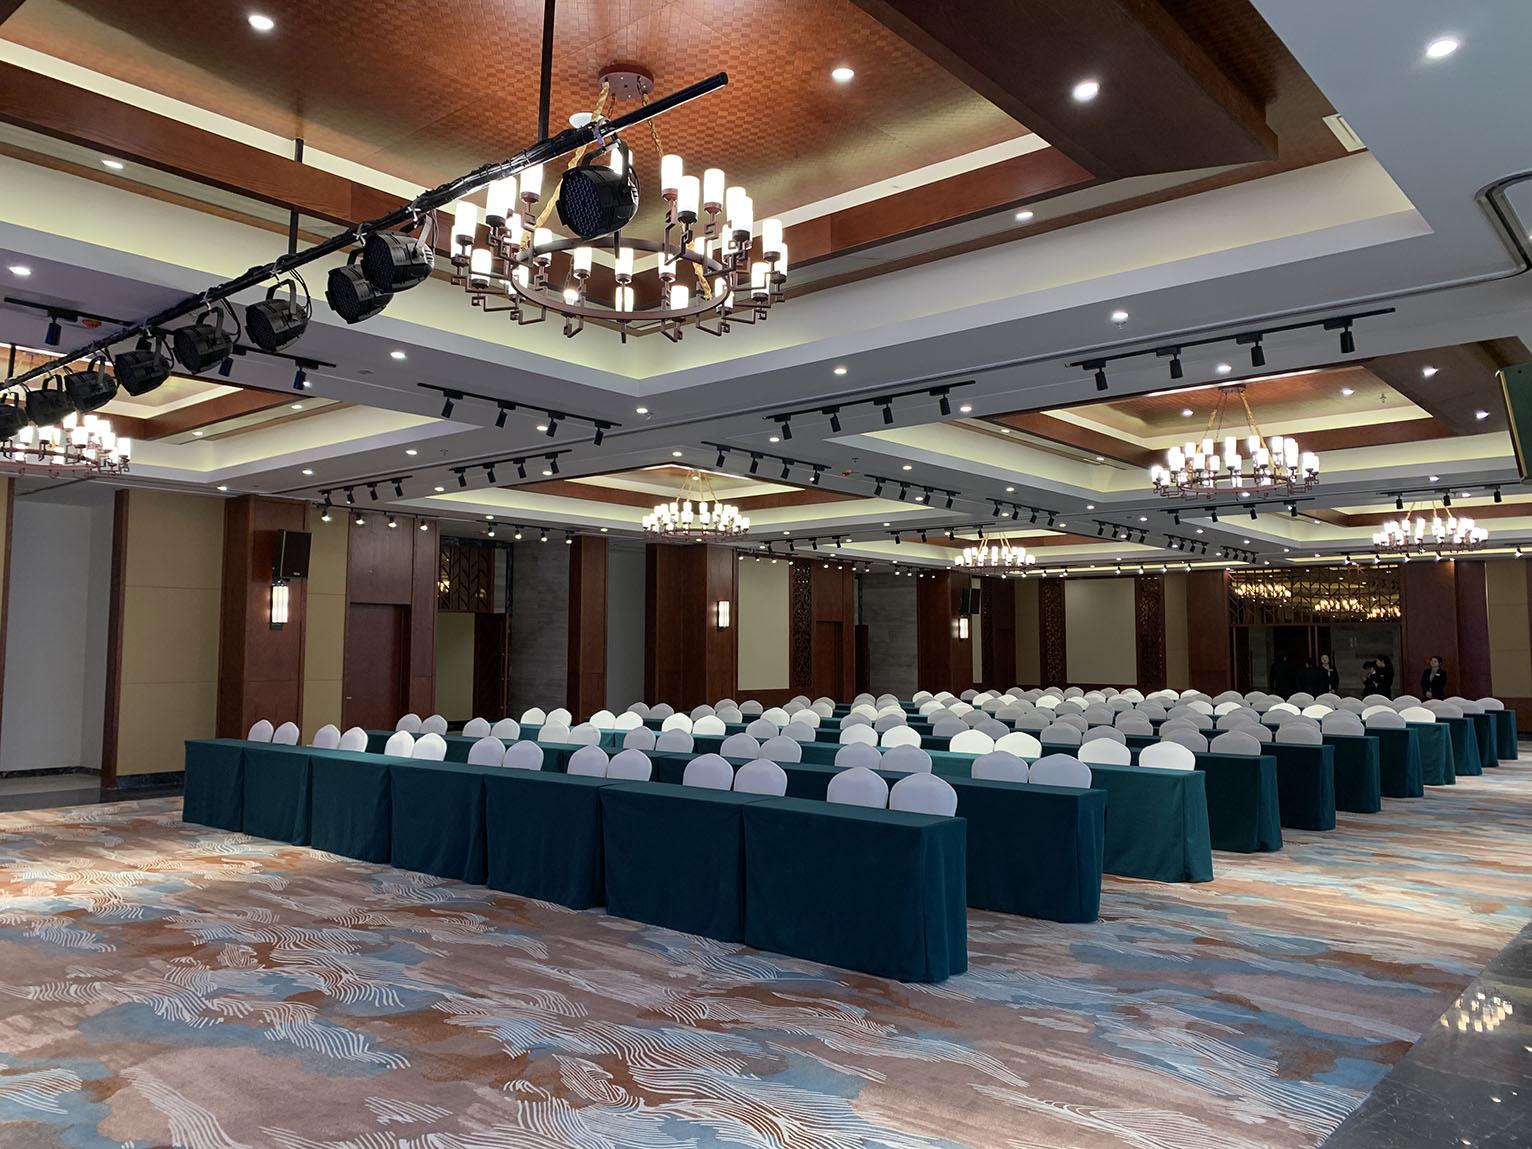 【京邦·會議系統案例】東海青松林酒店宴會廳